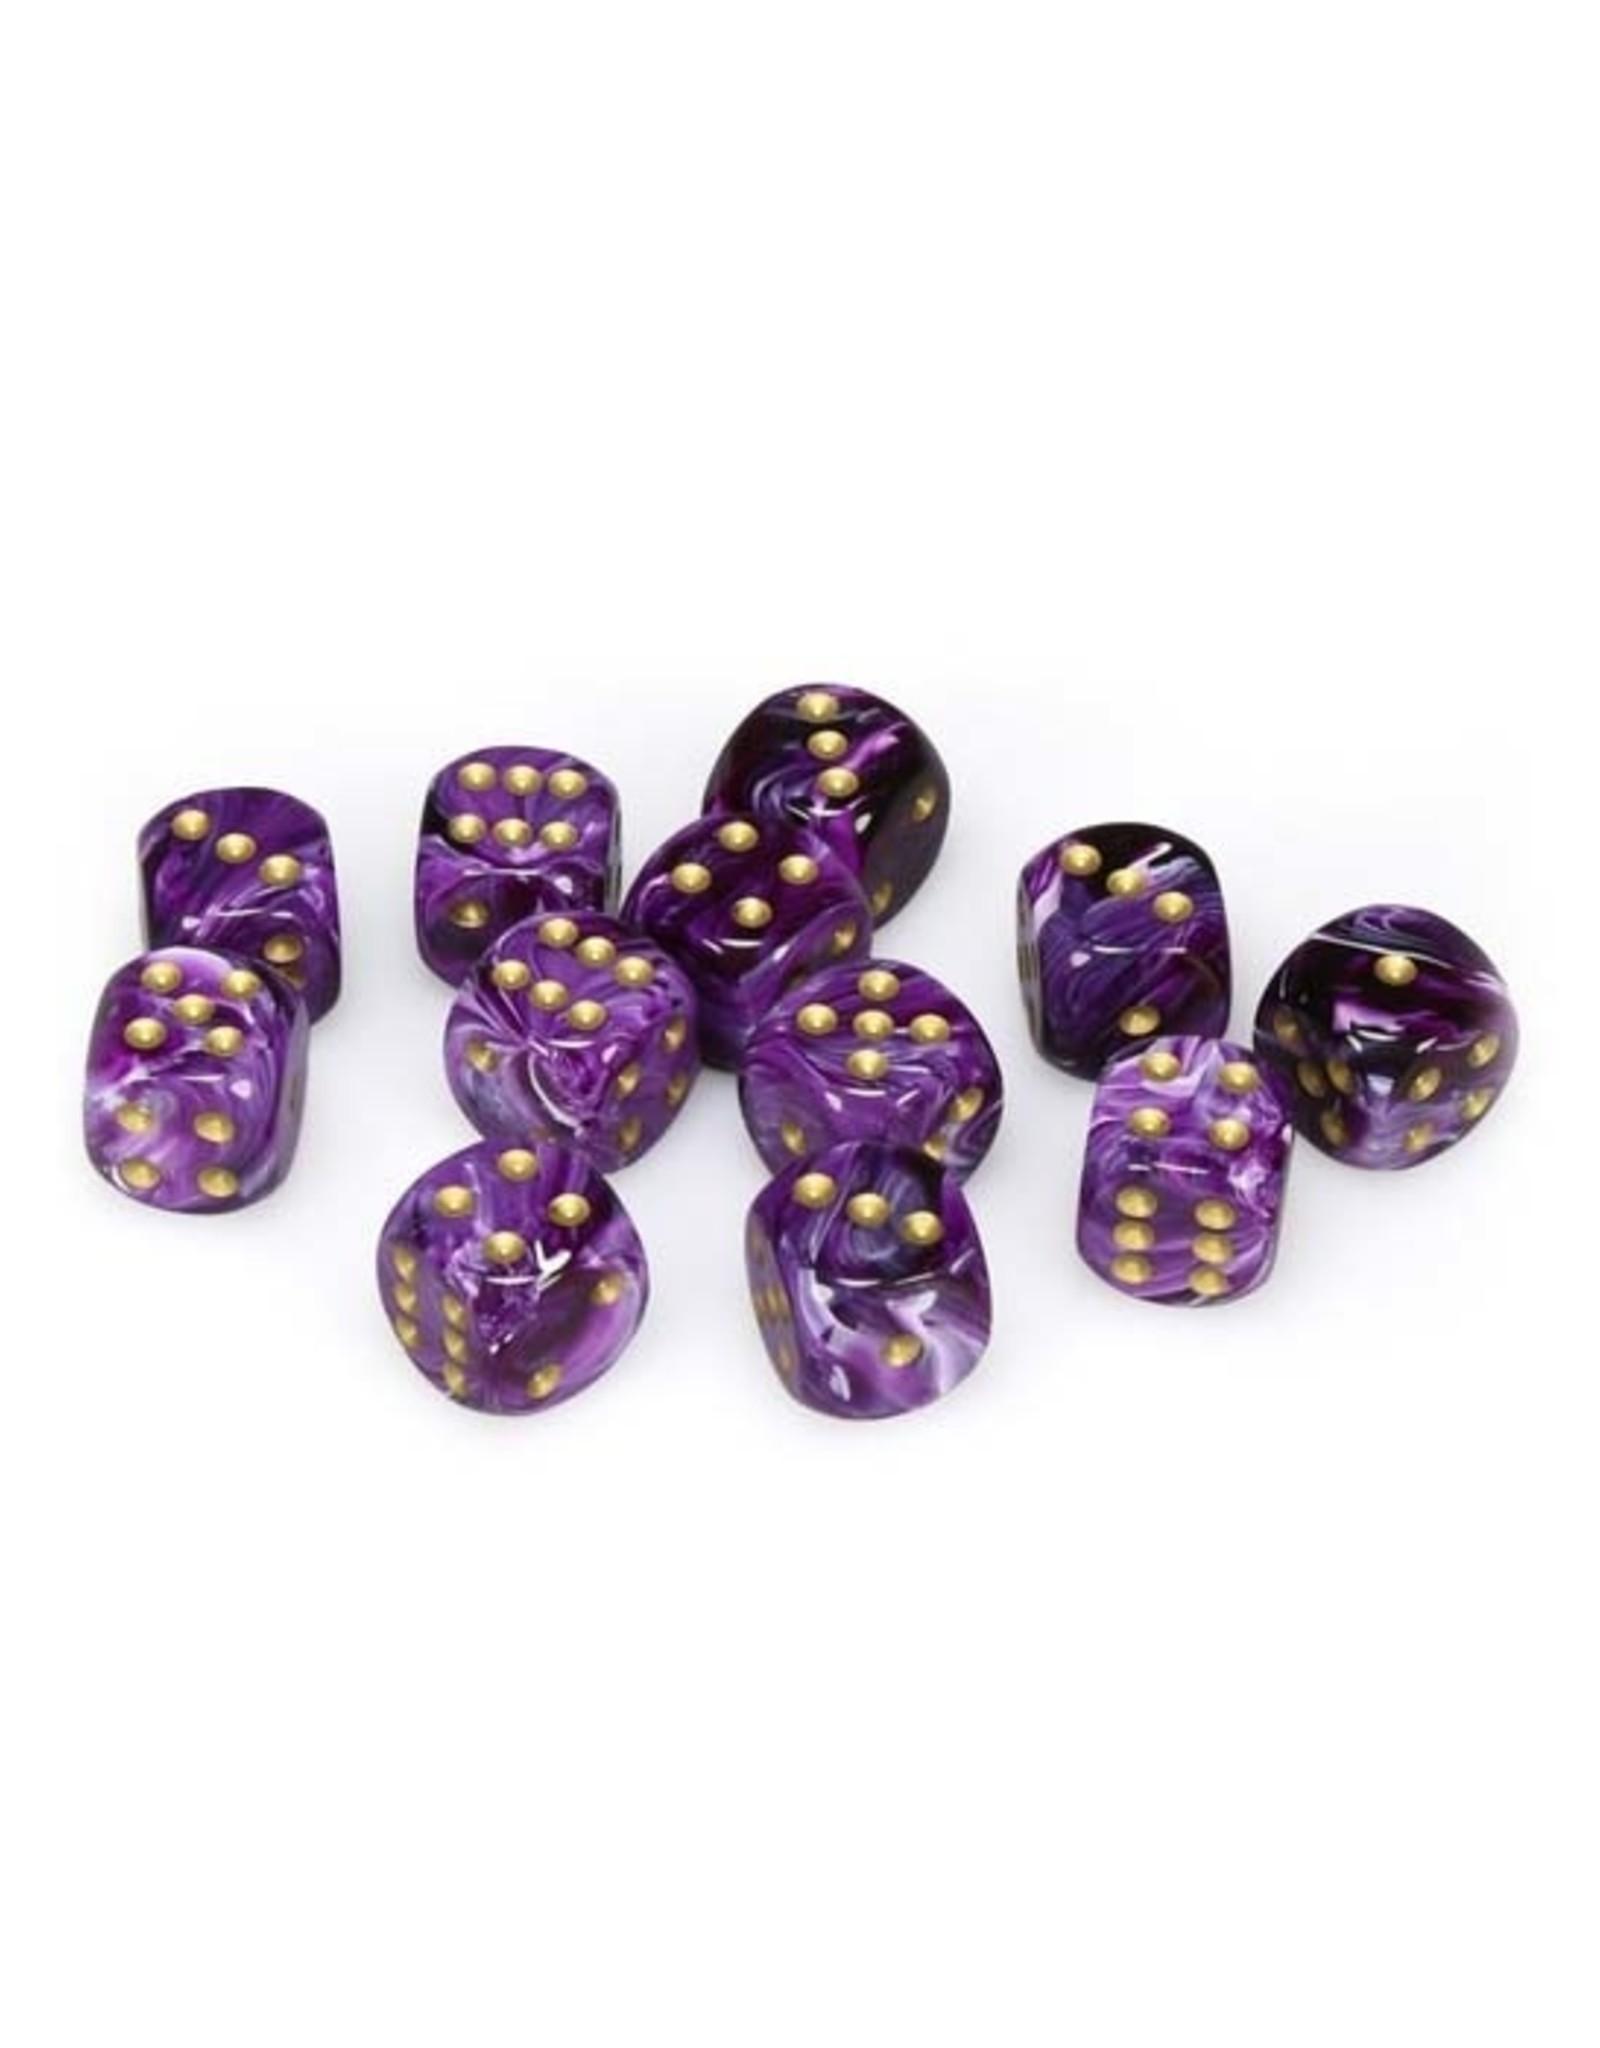 Chessex Chessex: 16mm D6 - Vortex - Purple w/ Gold